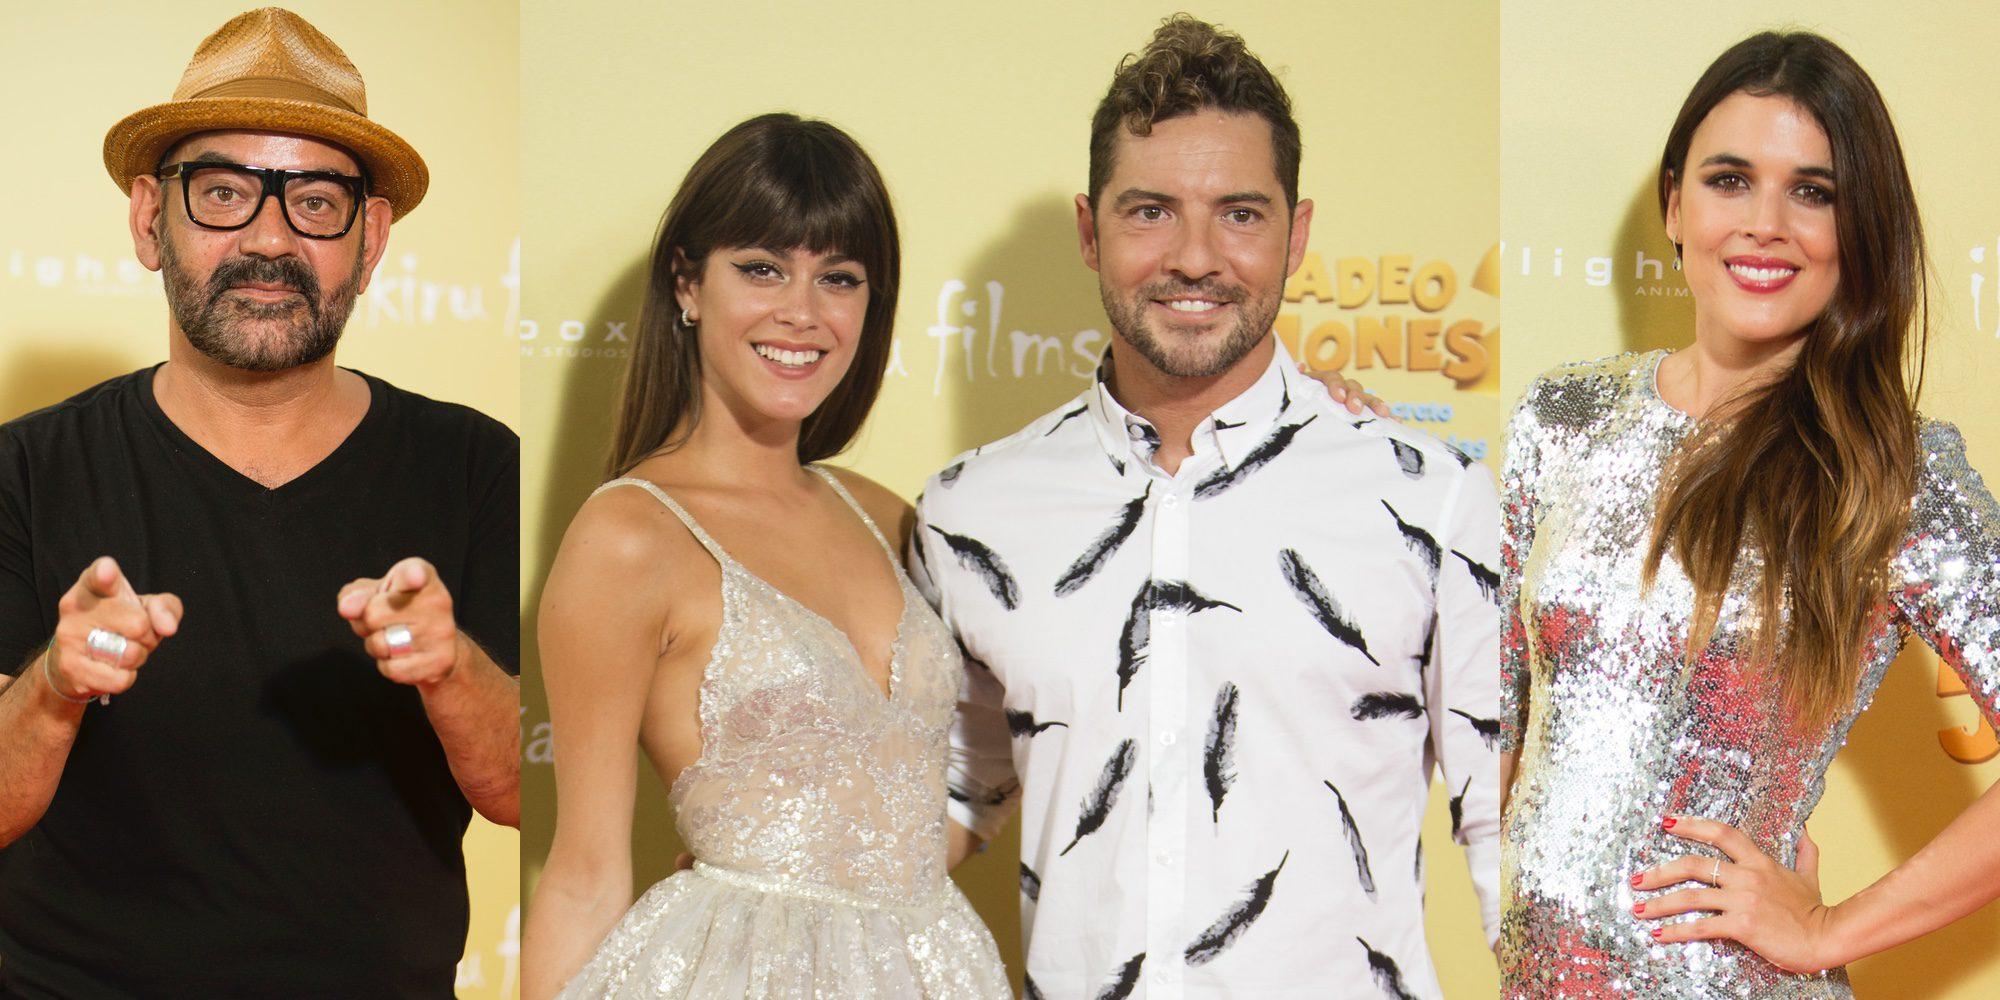 David Bisbal, Tini Stoessel o Adriana Ugarte brillan con luz propia en el estreno de 'Tadeo Jones 2'